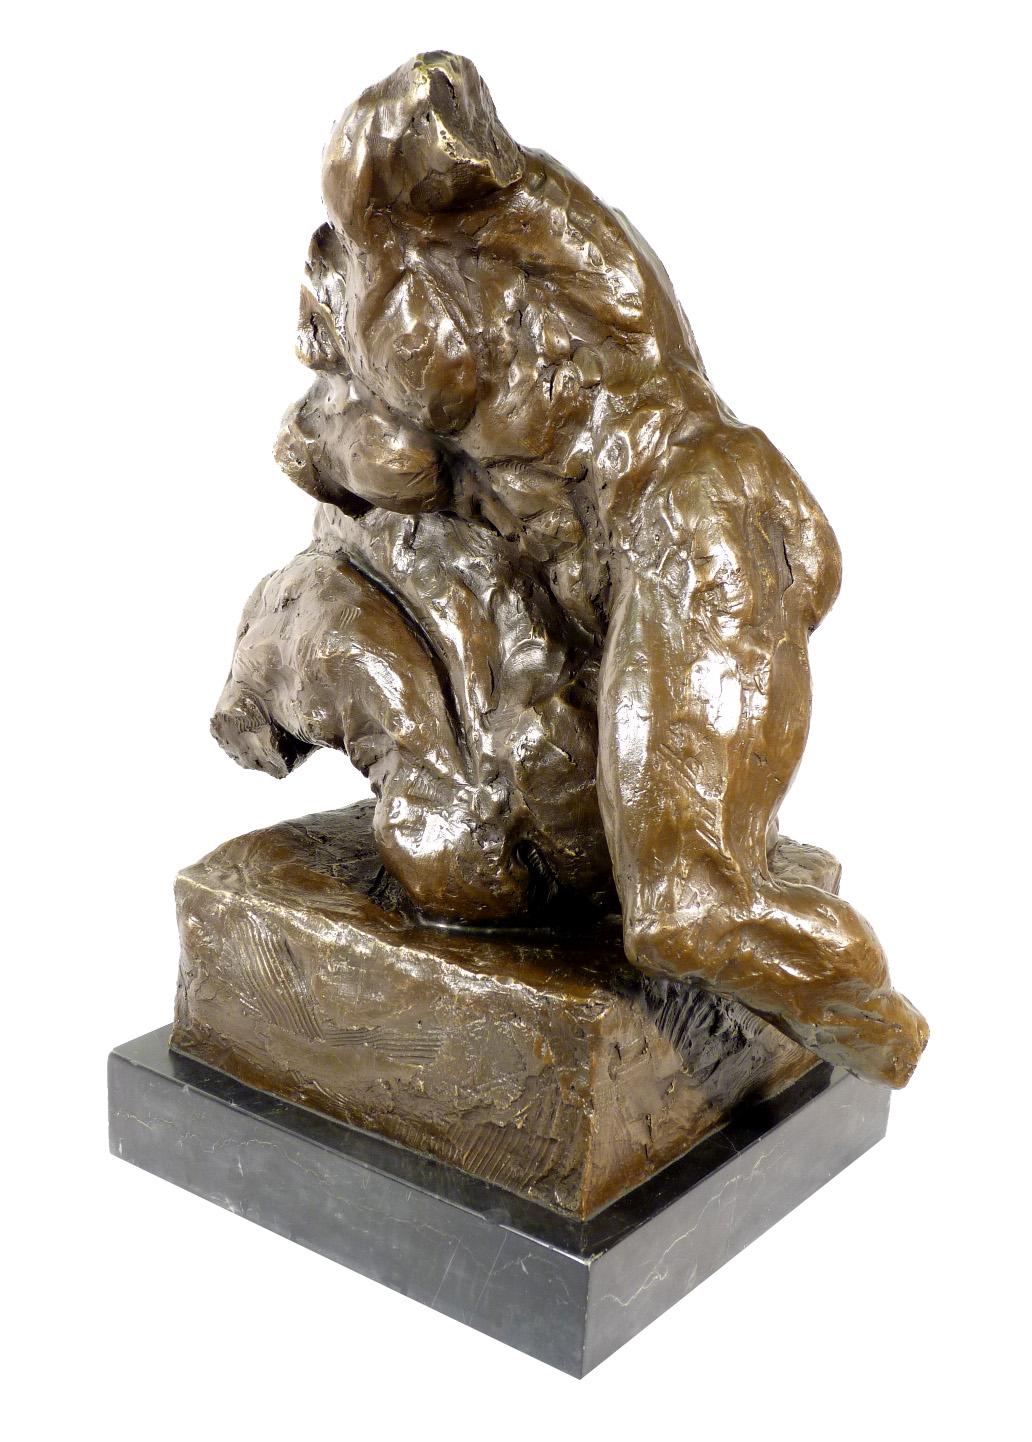 Modern Art bronze sculpture balancing nude dancer from Milo